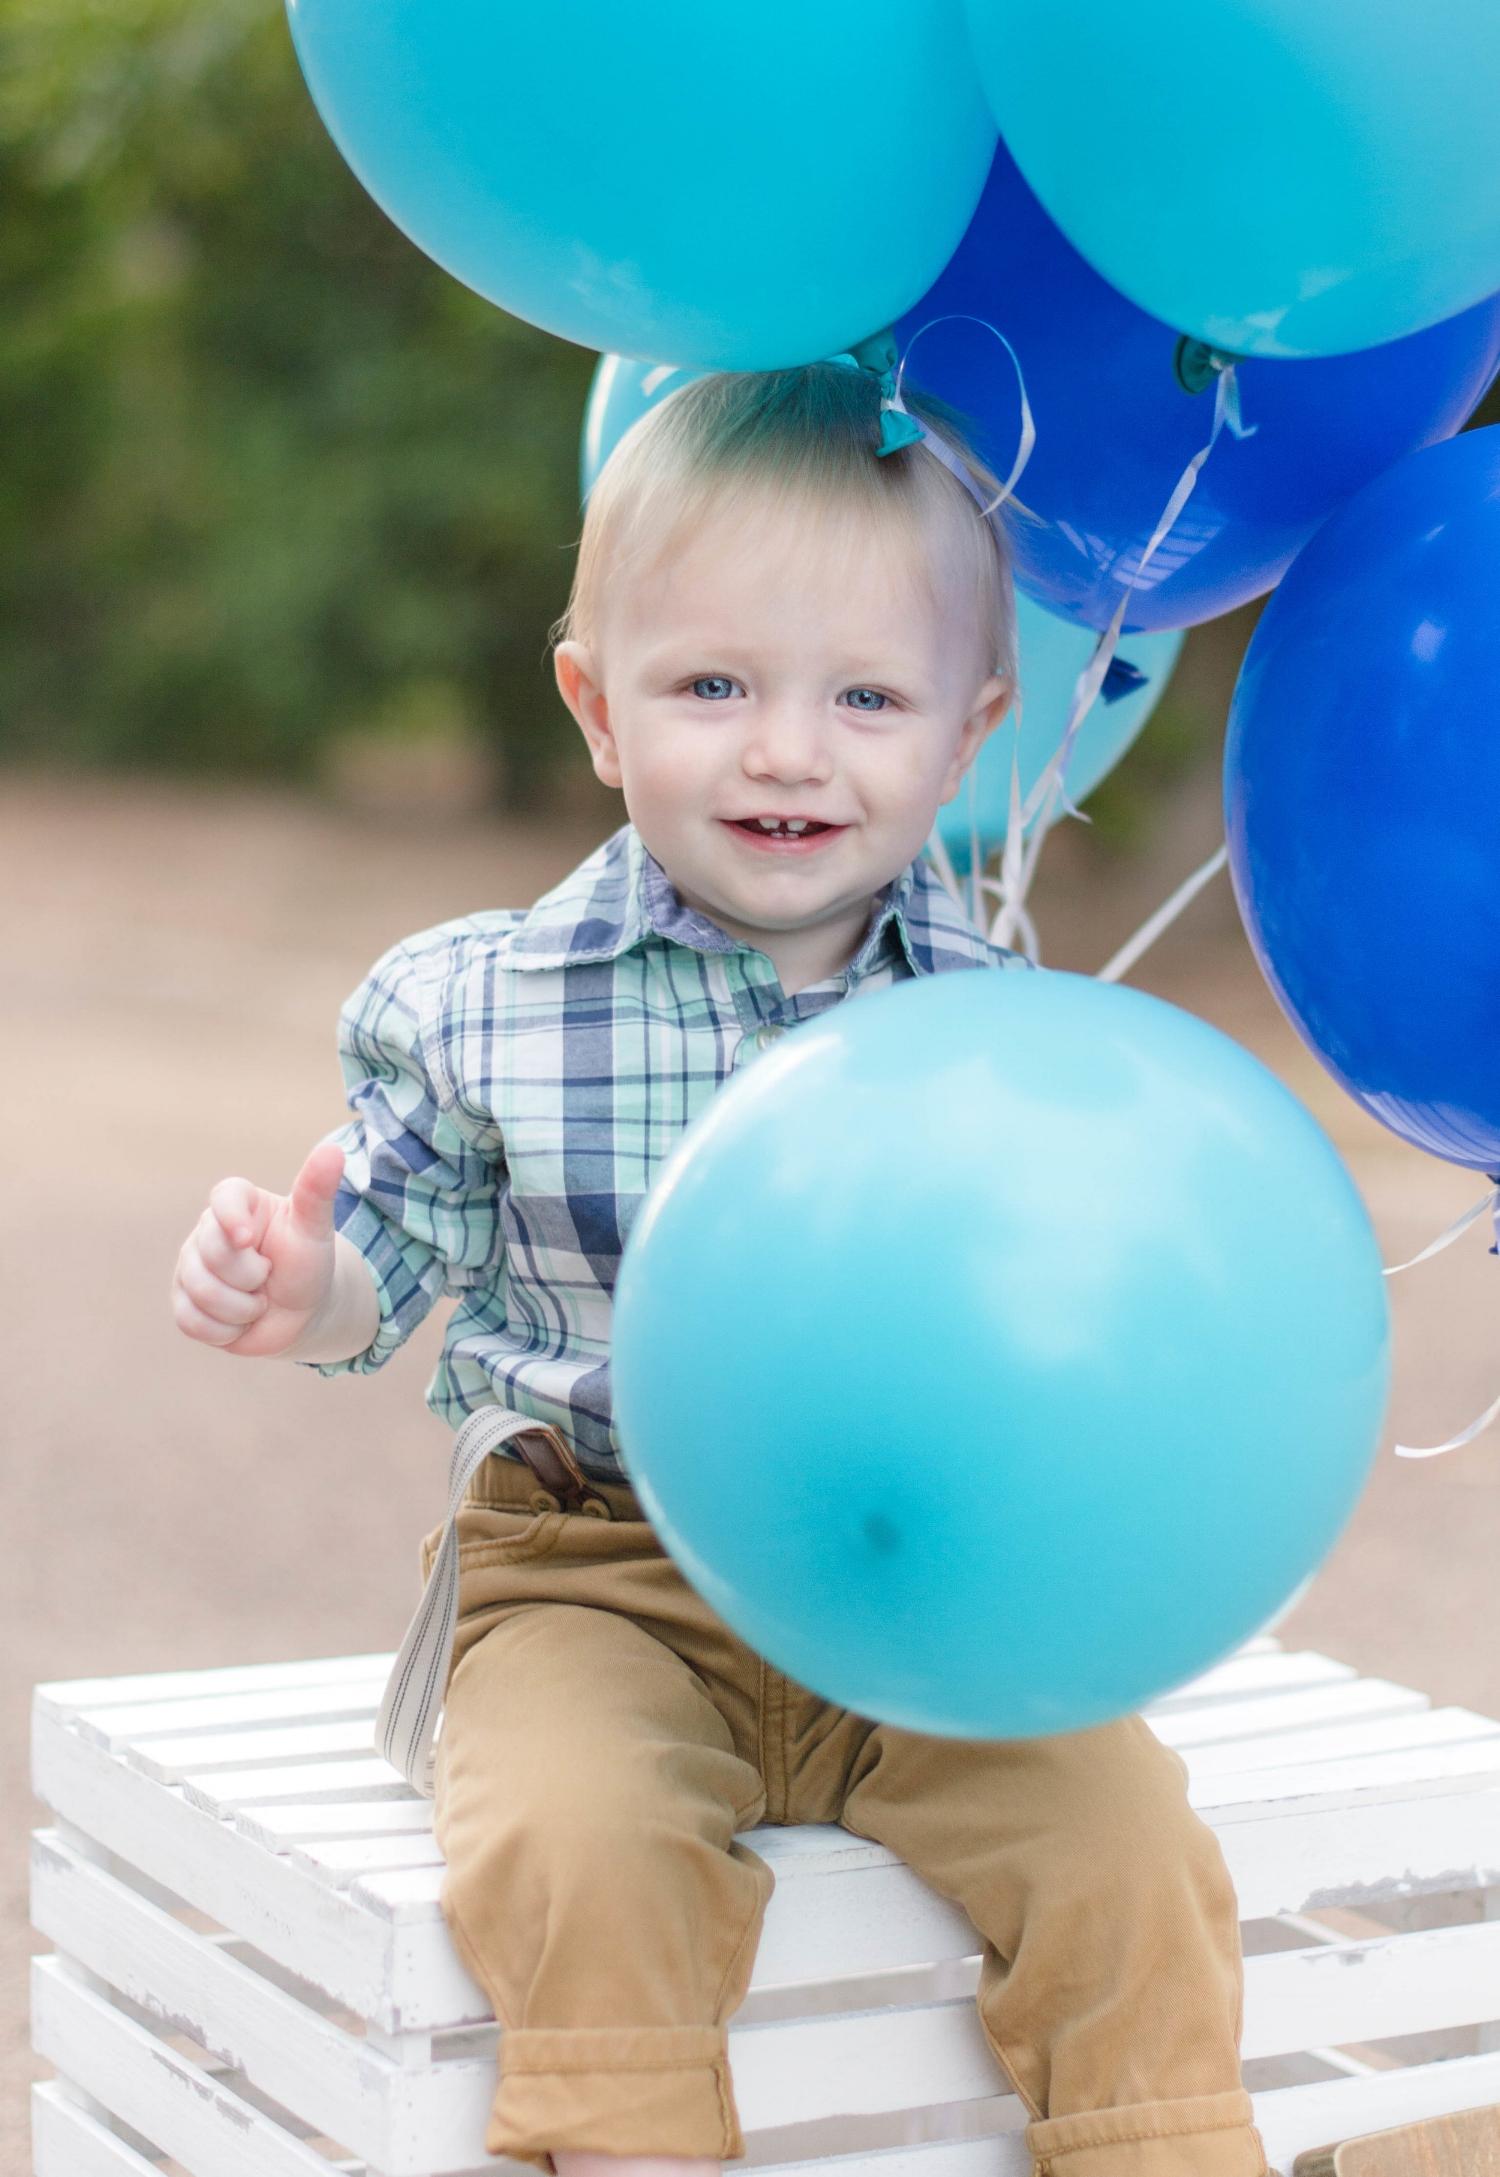 baby_boy_birthday_balloon.jpg